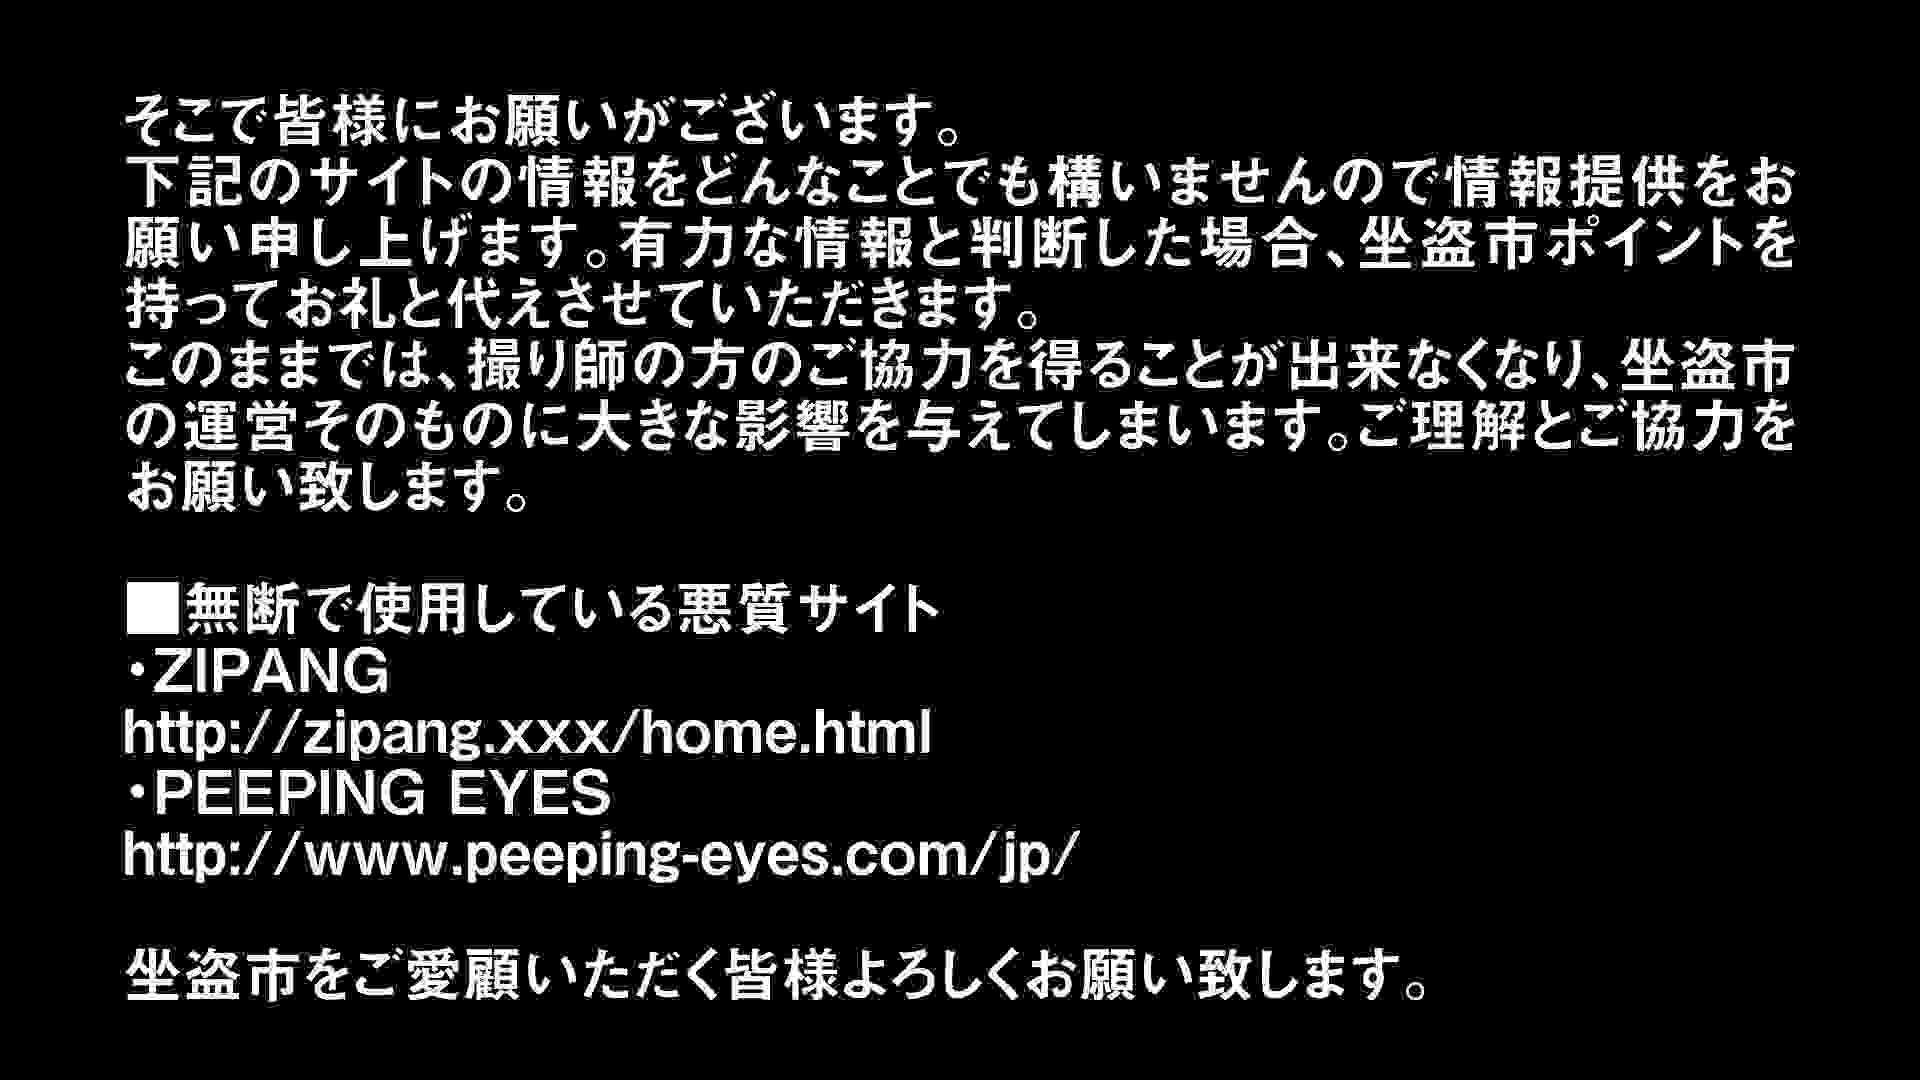 Aquaな露天風呂Vol.297 OLエロ画像  99PICs 45